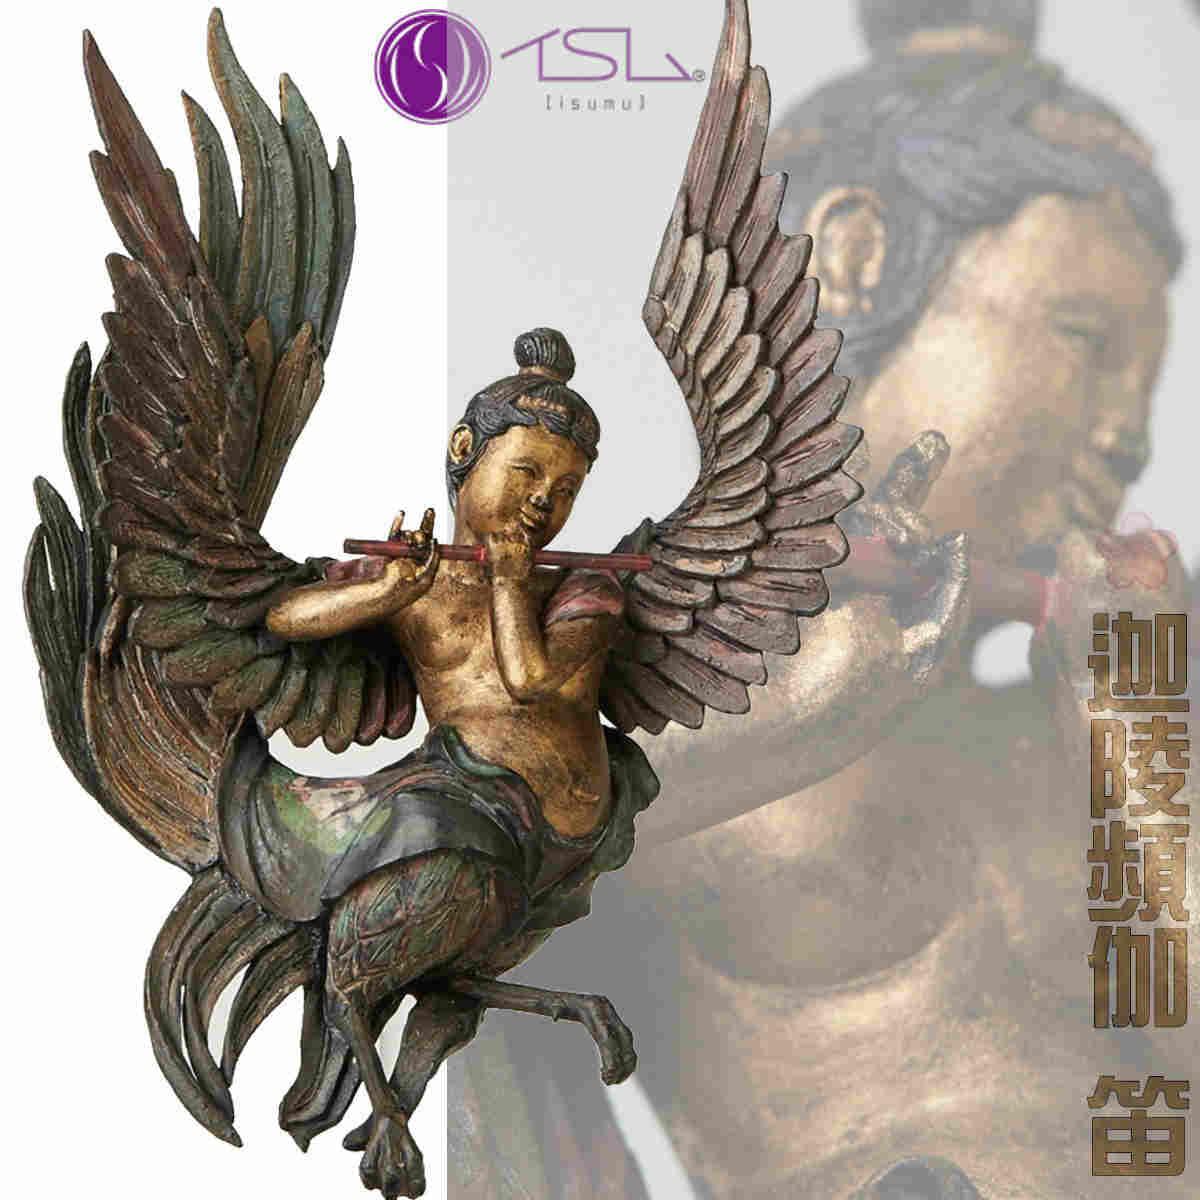 迦陵頻伽 笛 | かりょうびんが ふえ | 約159(H)×80(W)×59(D)mm 105g | イSム TanaCOCORO 掌 | 仏像 | イスム